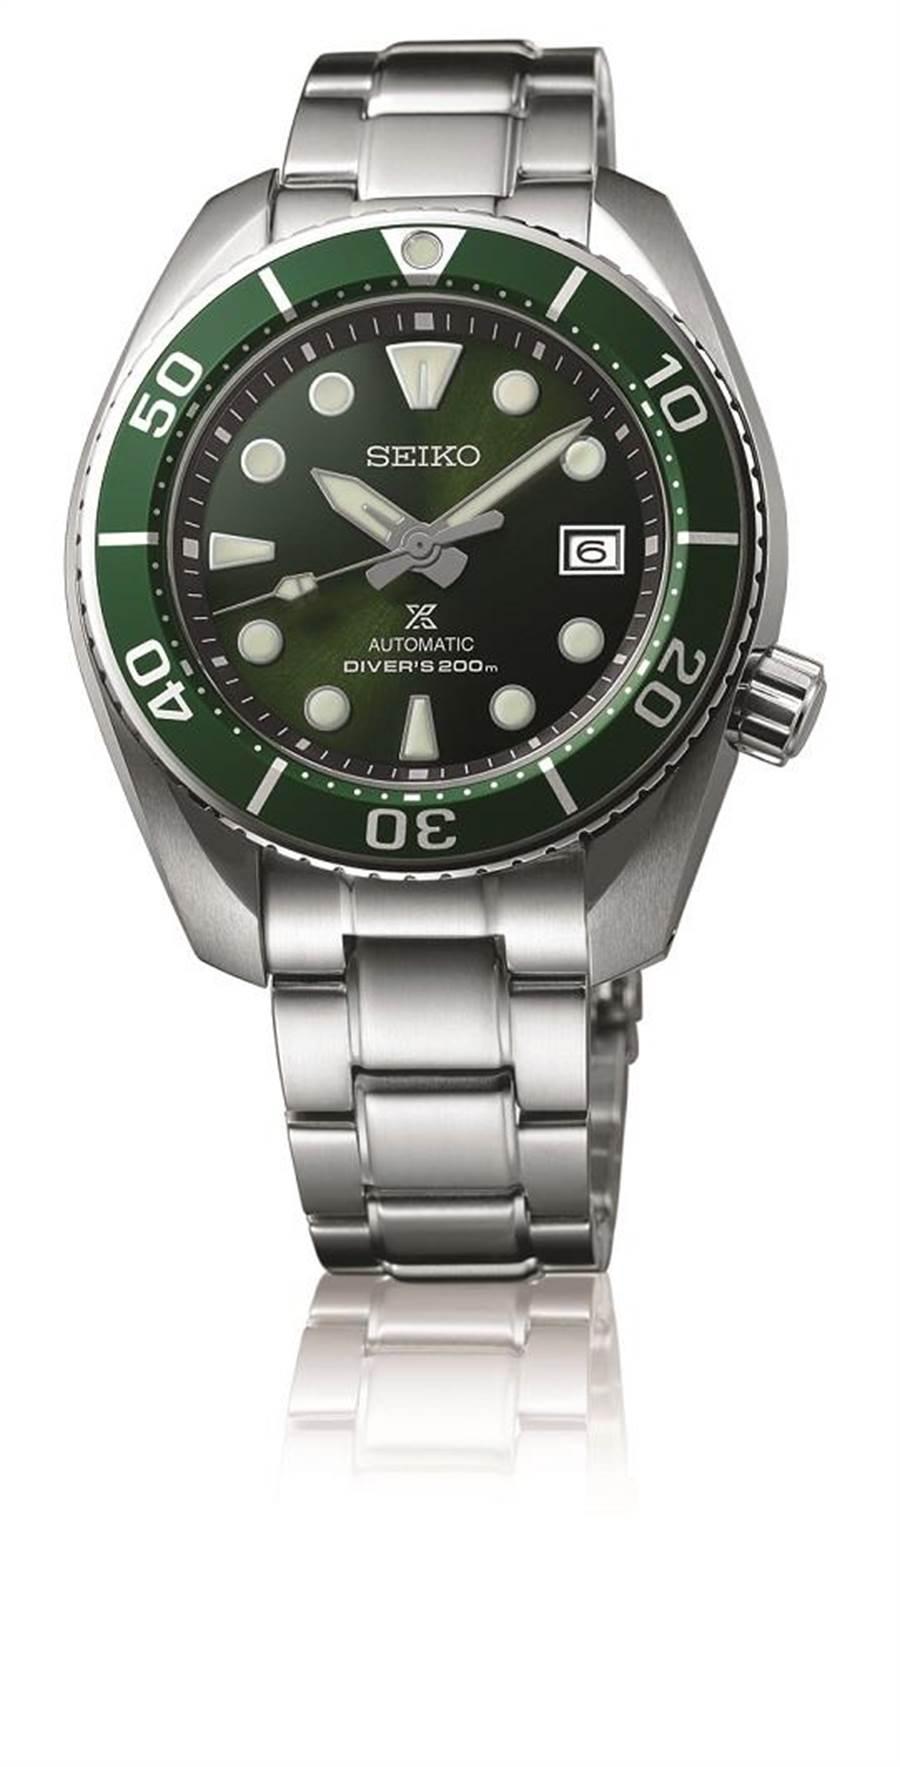 精工表Prospex綠色表盤潛水表,搭載6R35機芯,藍寶石水晶鏡面,精鋼表殼搭精鋼表帶,防水達200米,2萬7500元。(SEIKO提供)